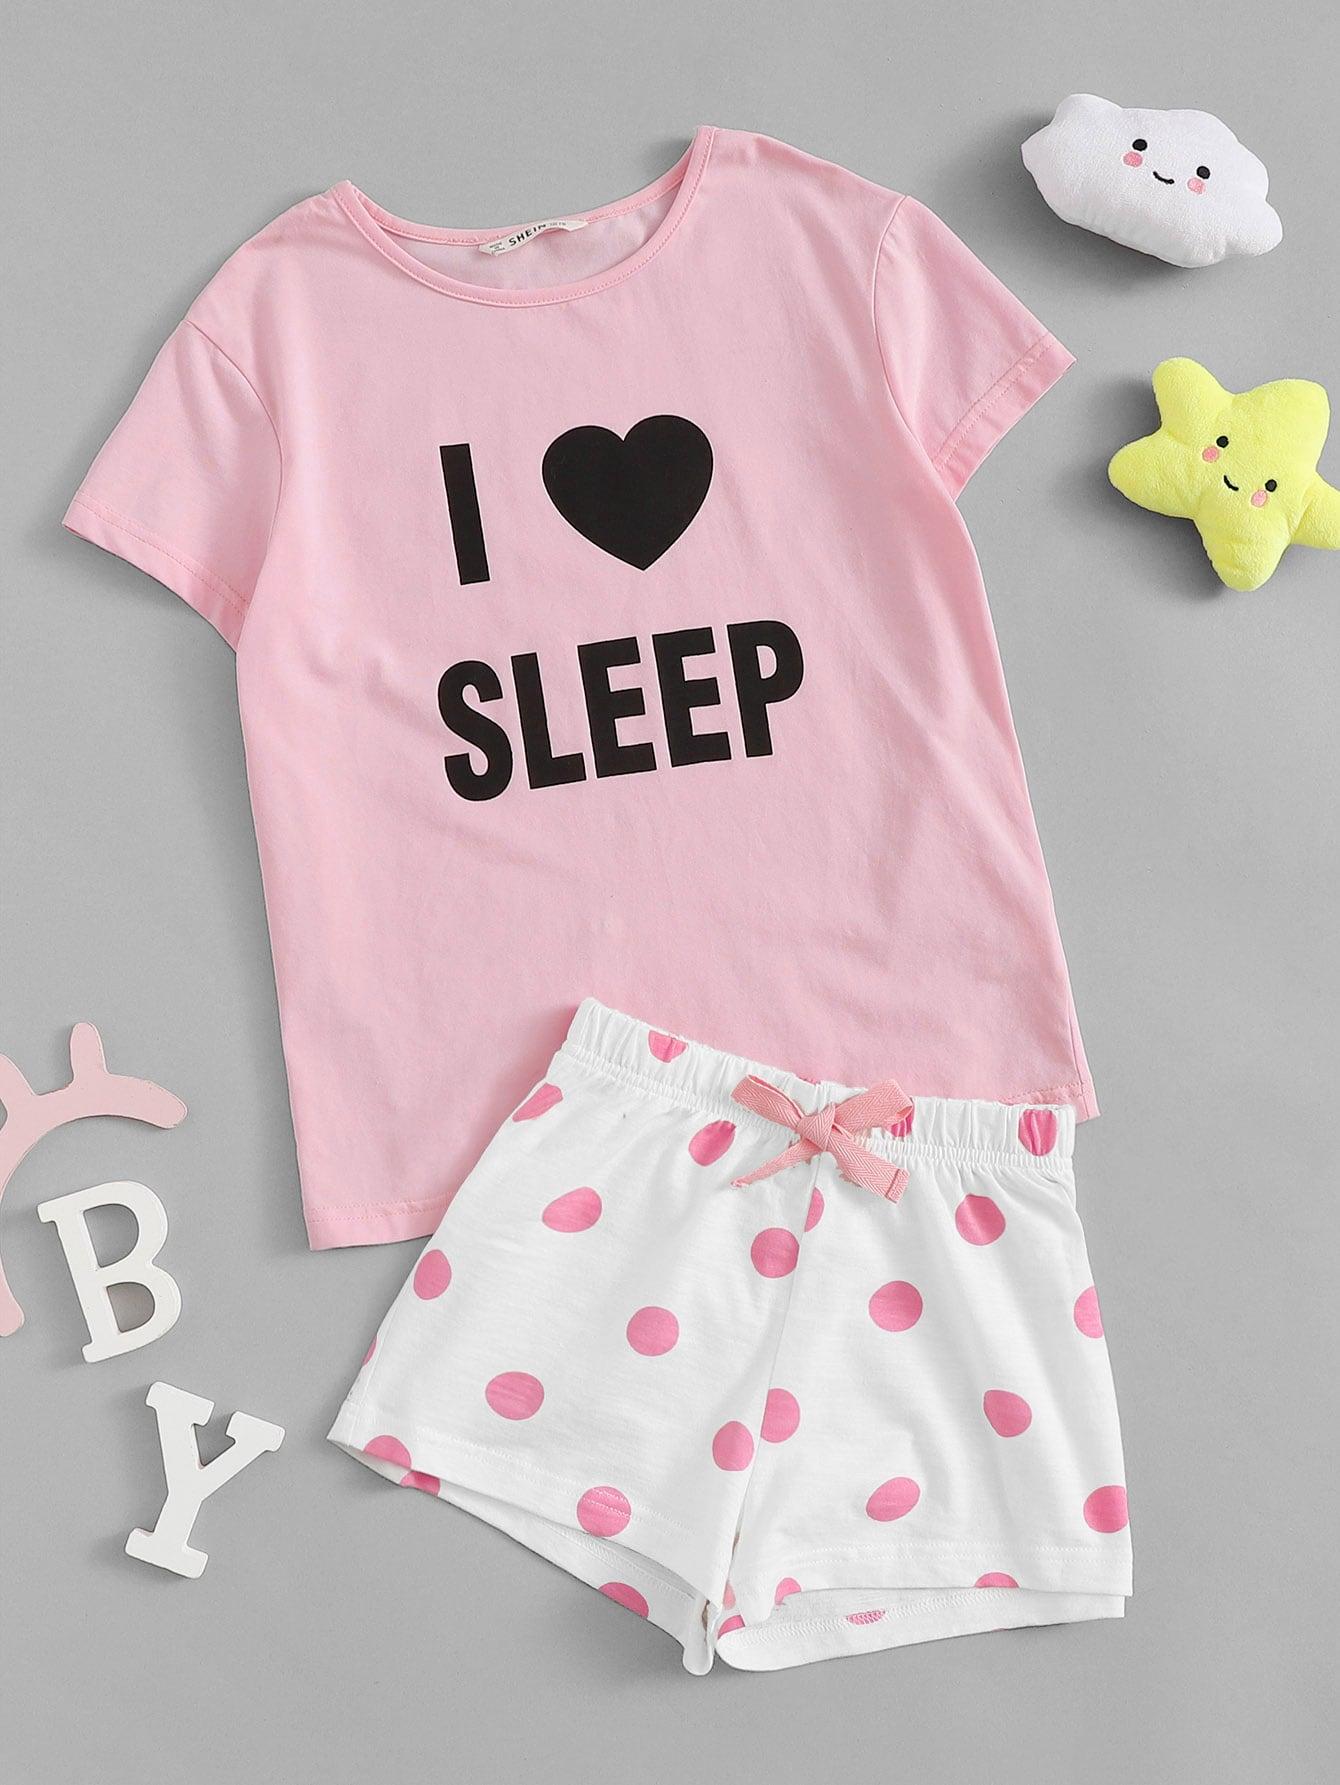 Купить Пижамный комплект с текстовым принтом на топе и шортами в горох для девочек, null, SheIn